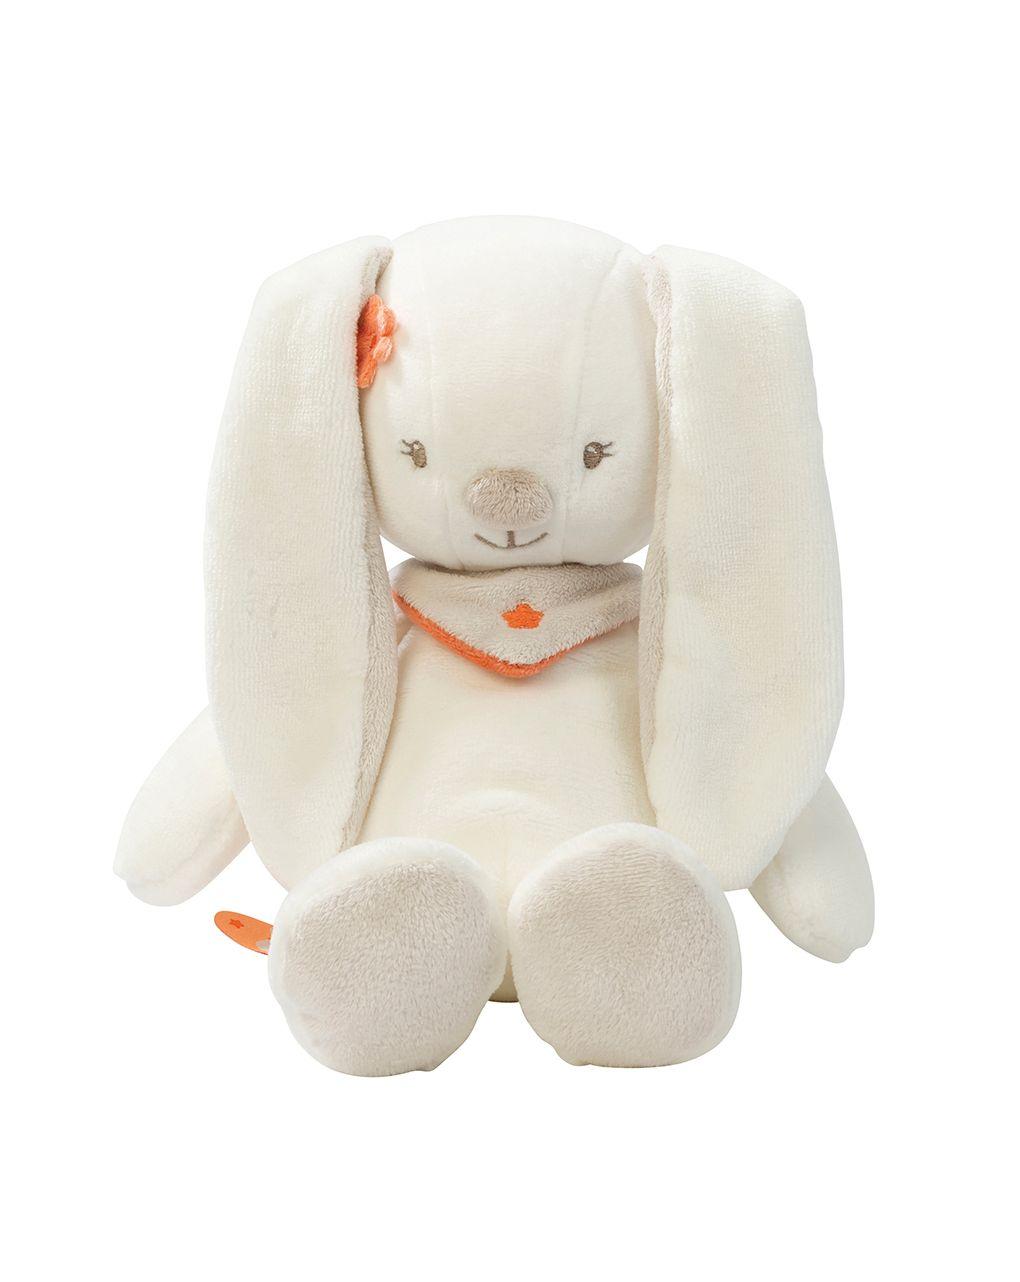 Nattou - peluche mia la coniglietta - Nattou